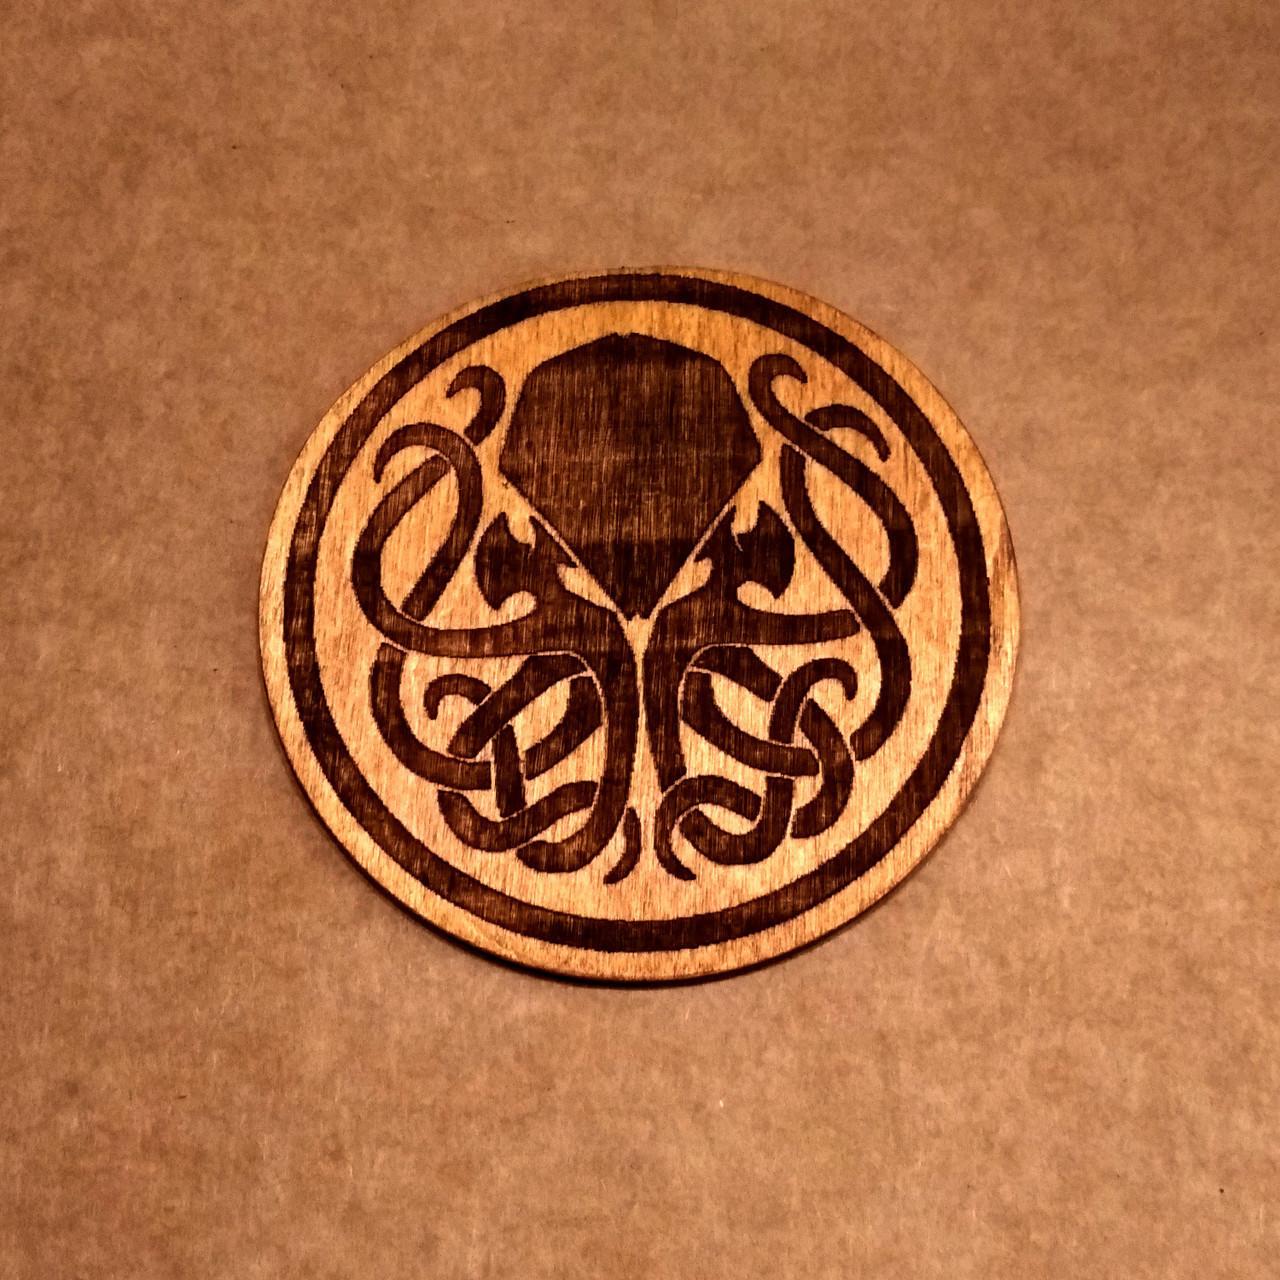 Подставка под кружку. Костер с лазерной гравировкой. Костер деревянный. Подставка под кружку Ктулху